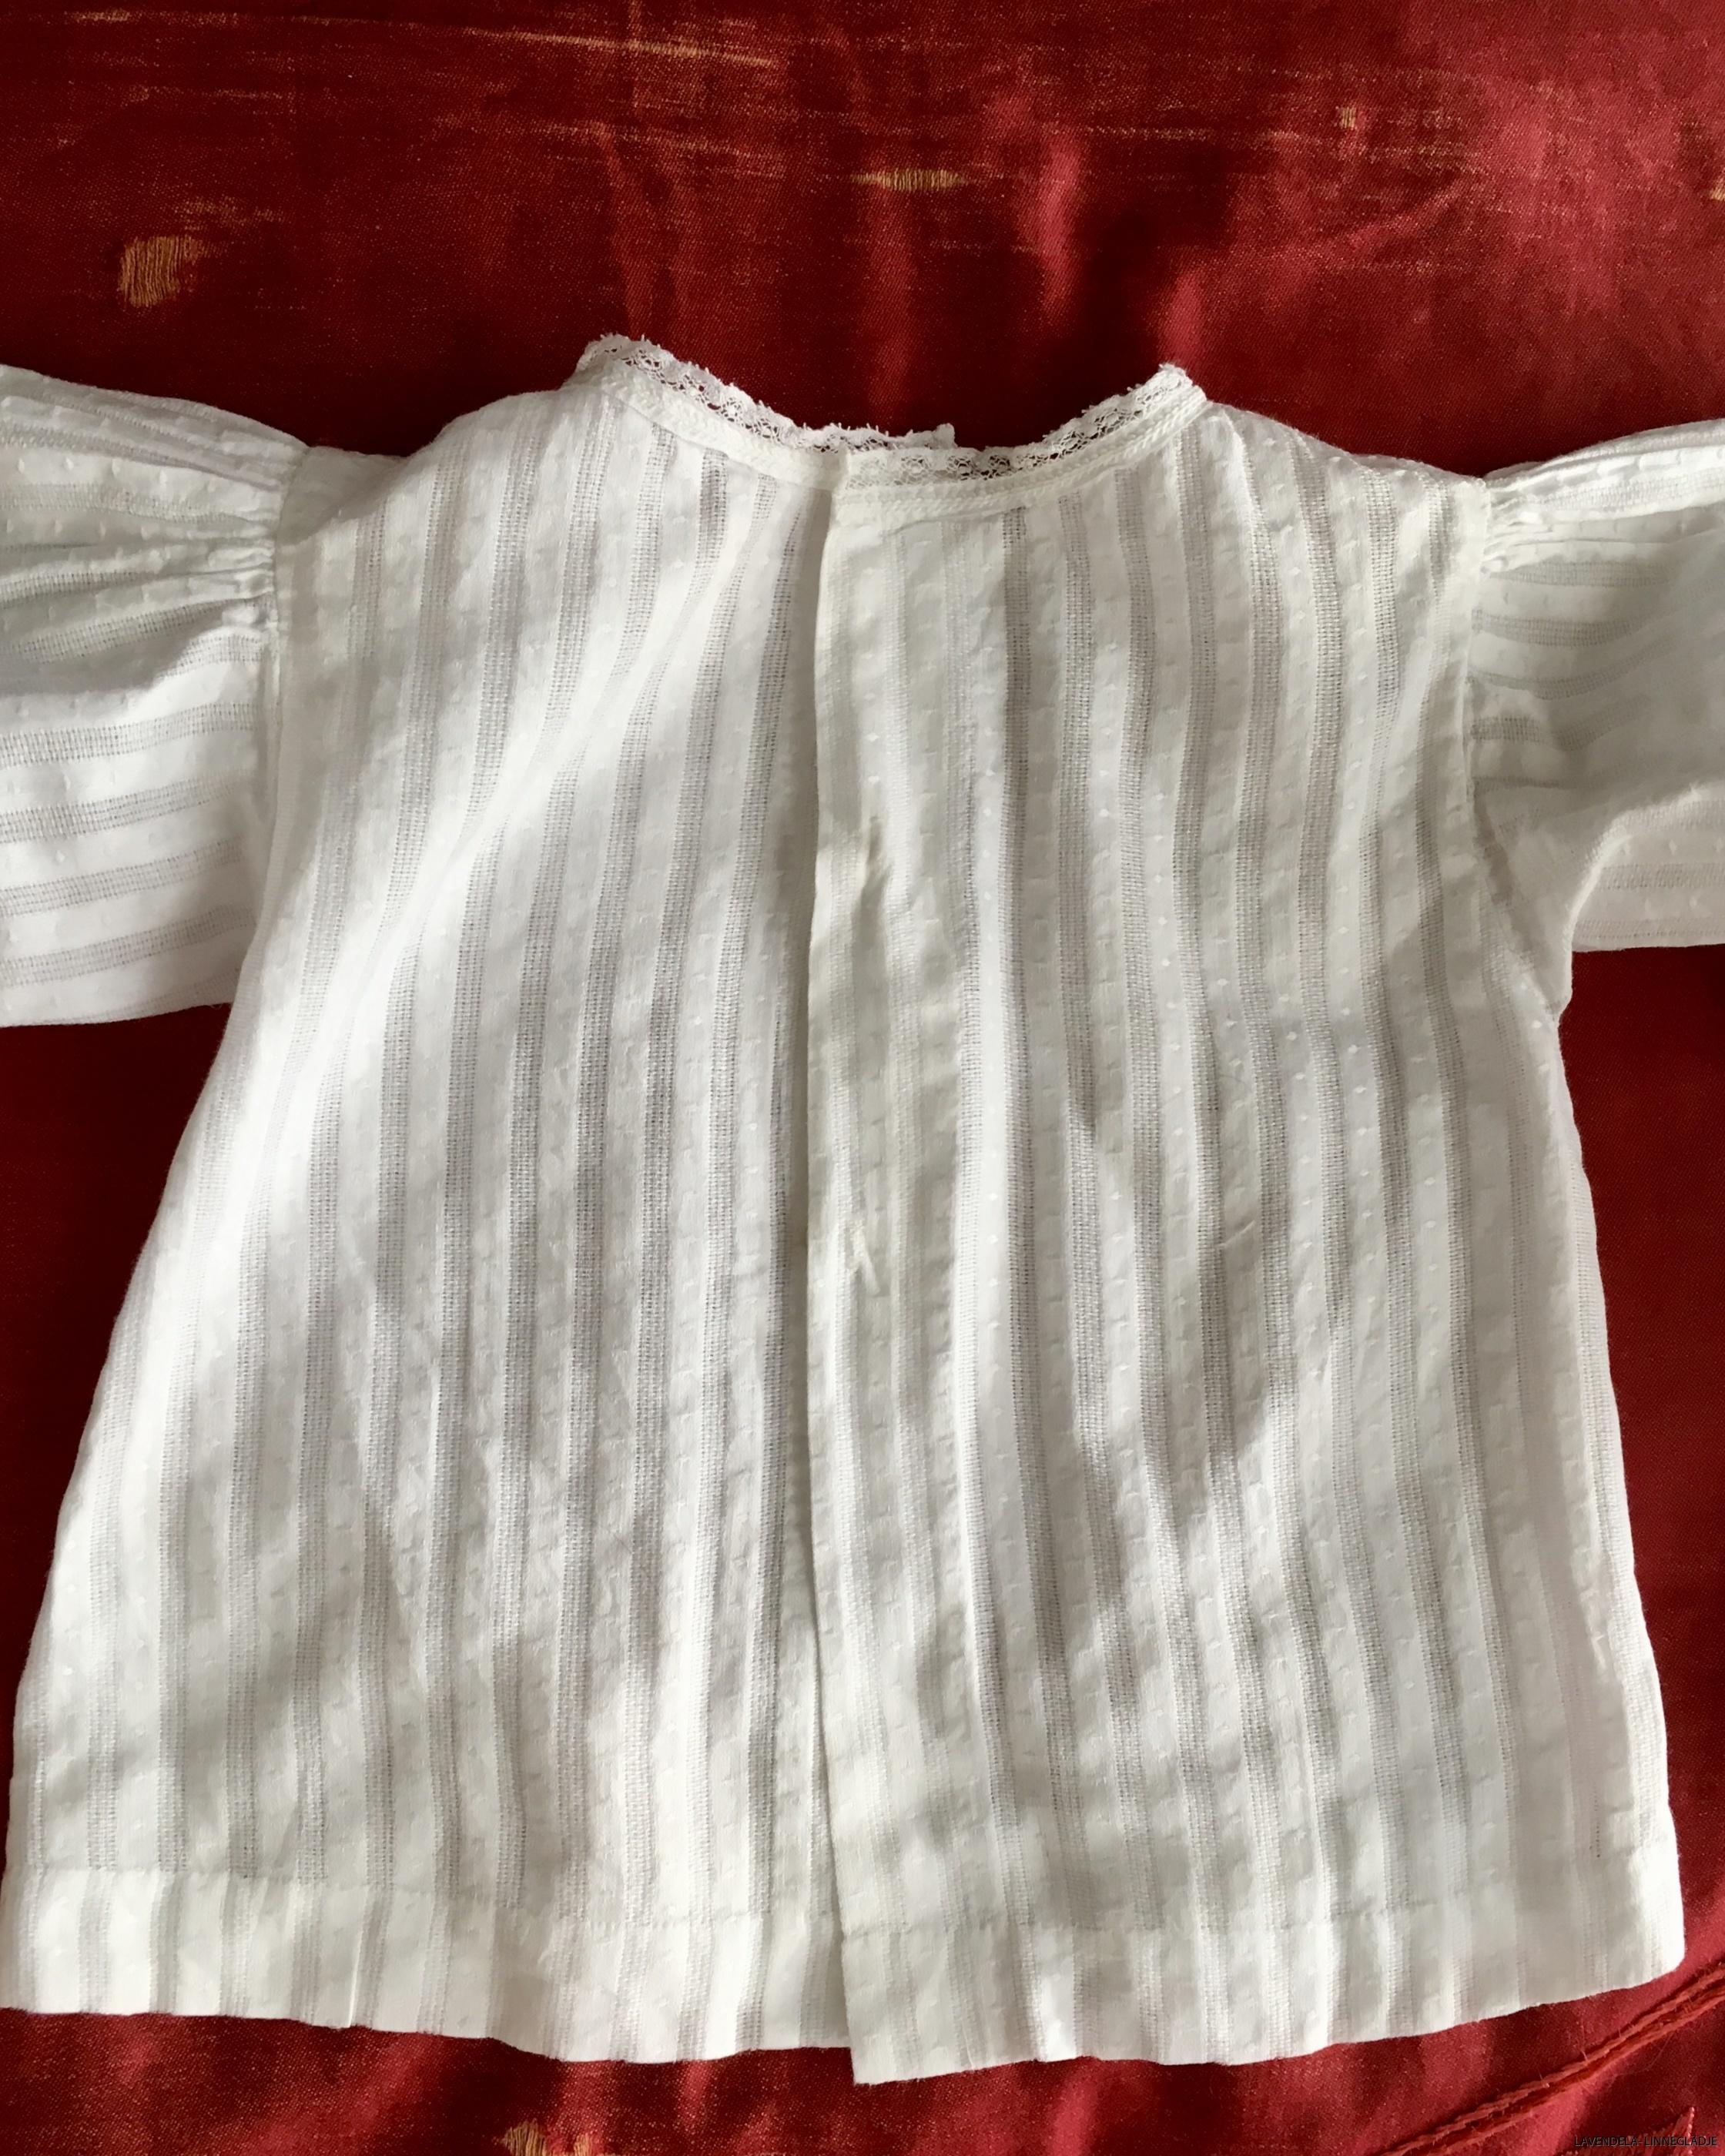 Baksidan på skjortan